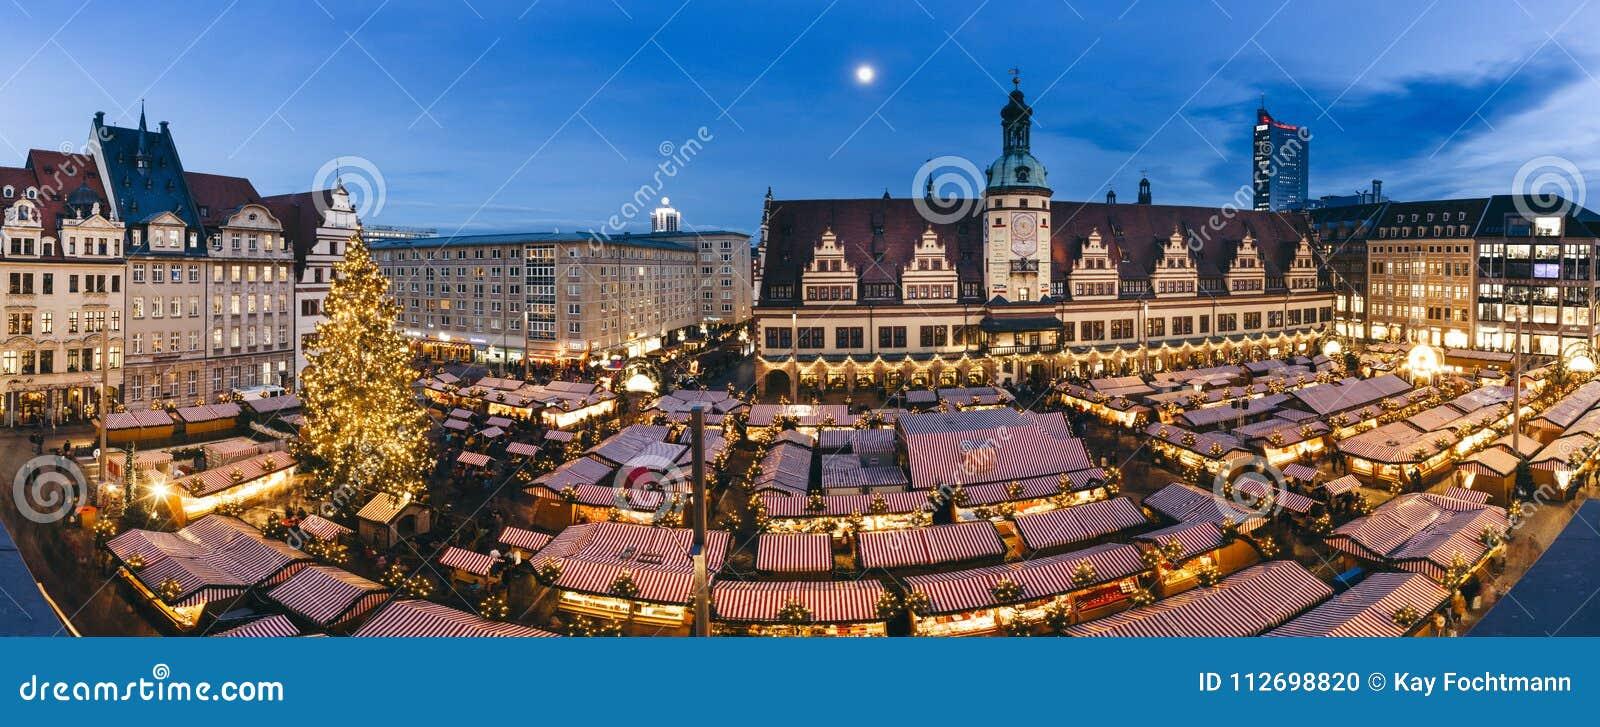 Weihnachtsmarkt Leipzig.Zentraler Platz Von Leipzig Deutschland Mit Weihnachtsmarkt